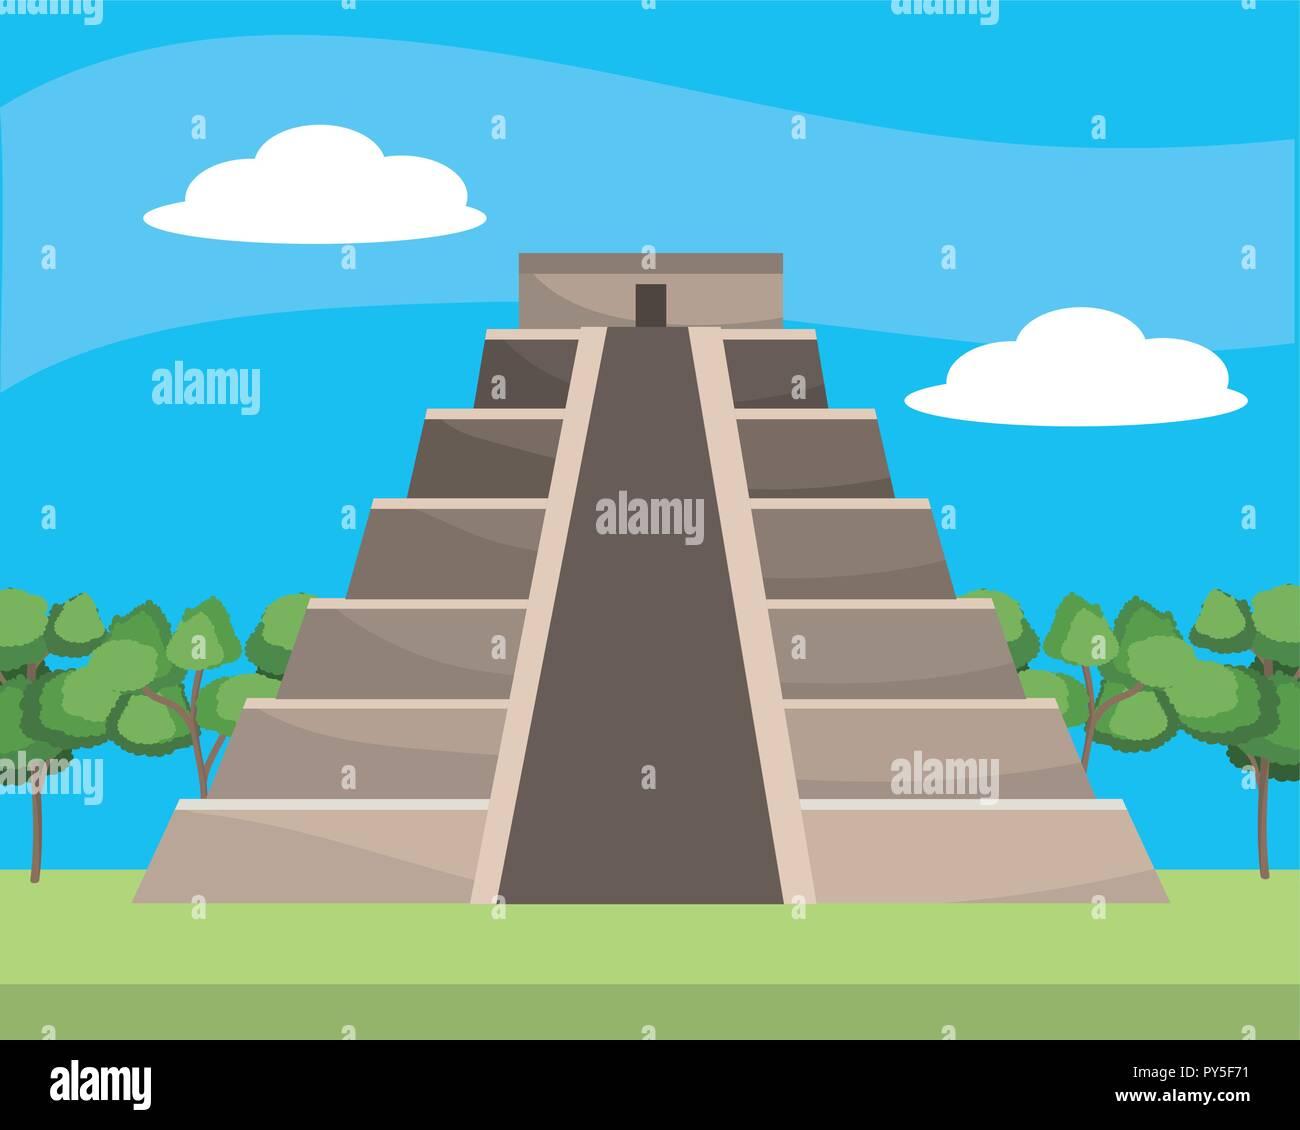 Concept Art Mesoamerican Pyramids